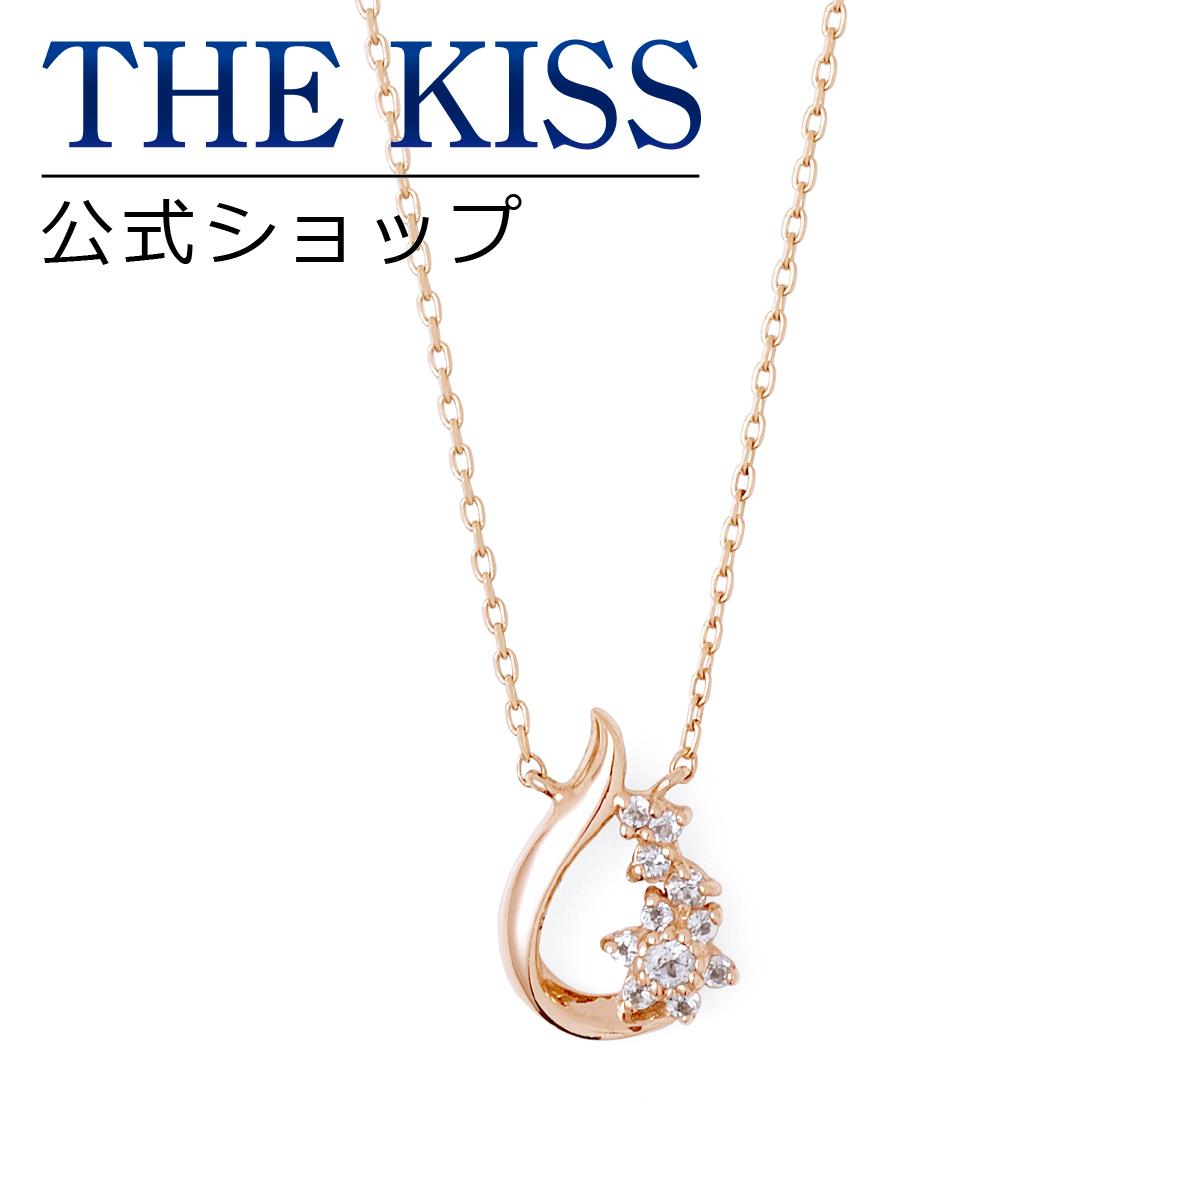 【あす楽対応】【送料無料】【THE KISS sweets】 K10ピンクゴールド トパーズ レディース ネックレス 40cm ☆ ダイヤモンド ゴールド レディース ネックレス 首飾り ブランド Ladies Necklace K-N2223PG